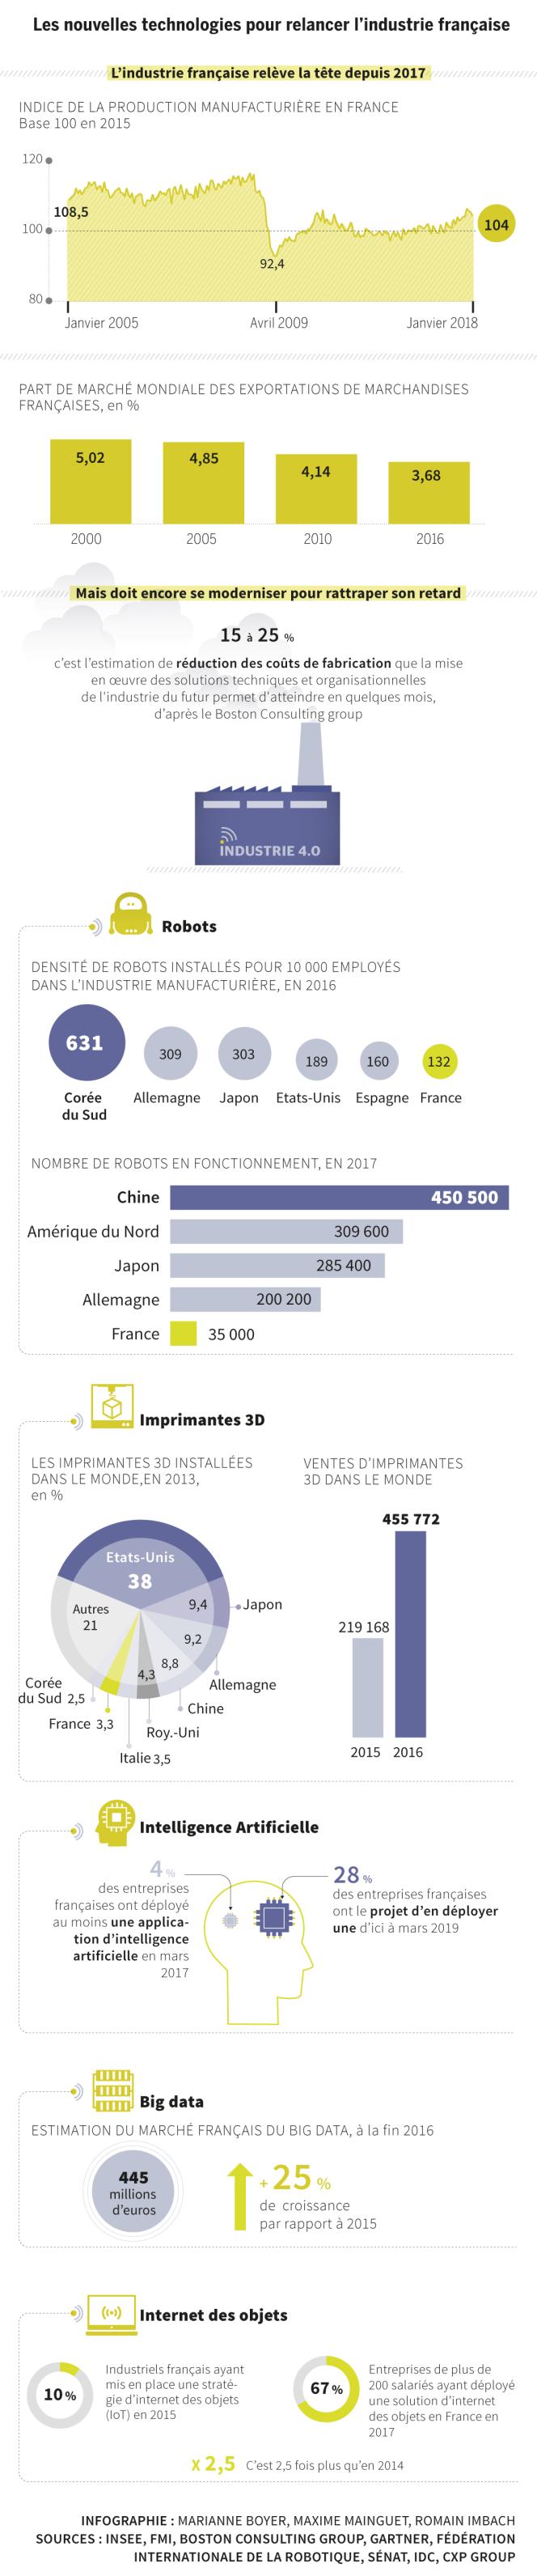 L'industrie 4.0 en infographies